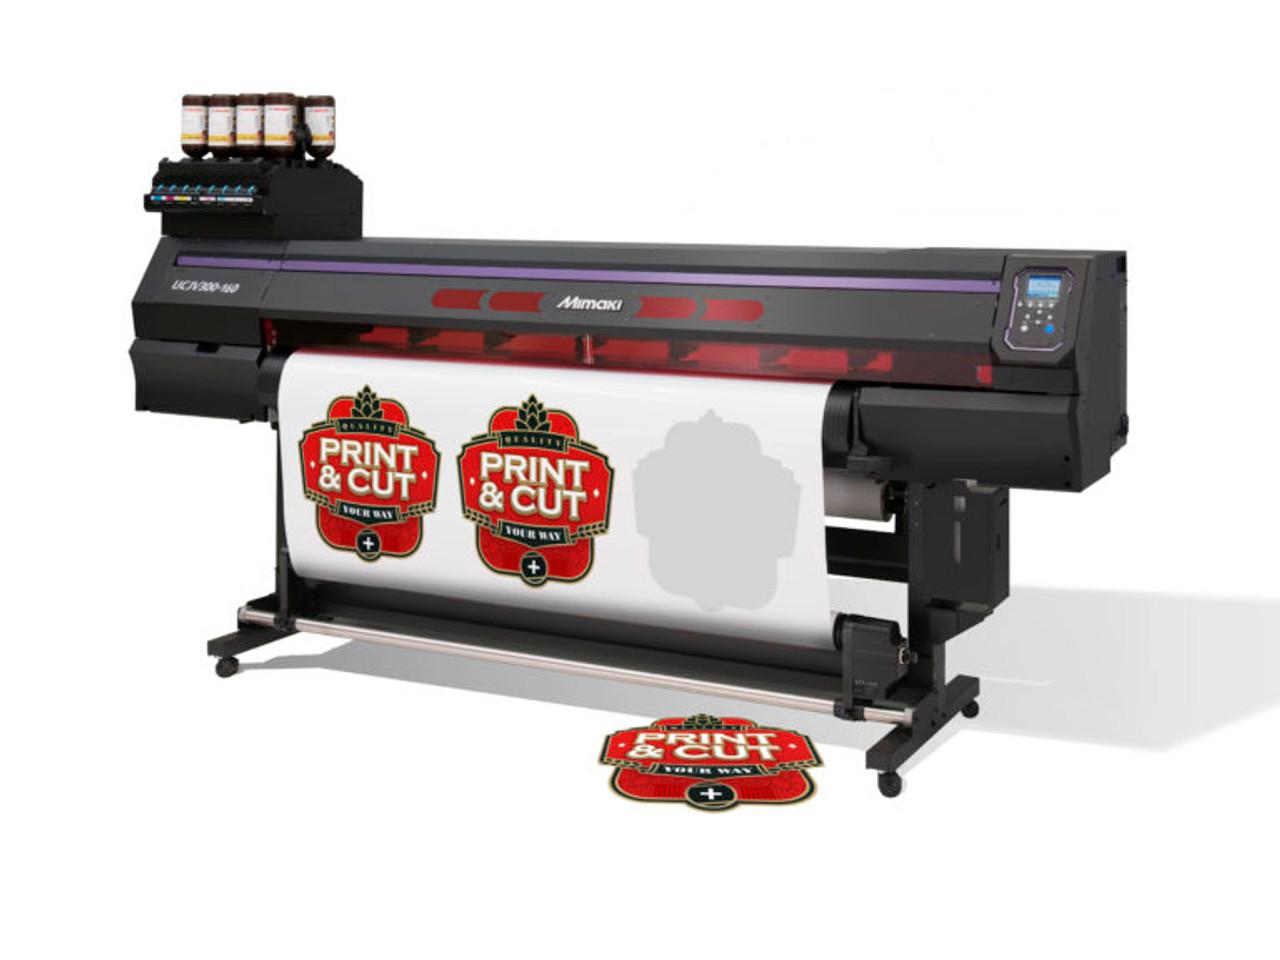 Mimaki UCJV300-160 UV-LED Roll to Roll Cut-and-Print